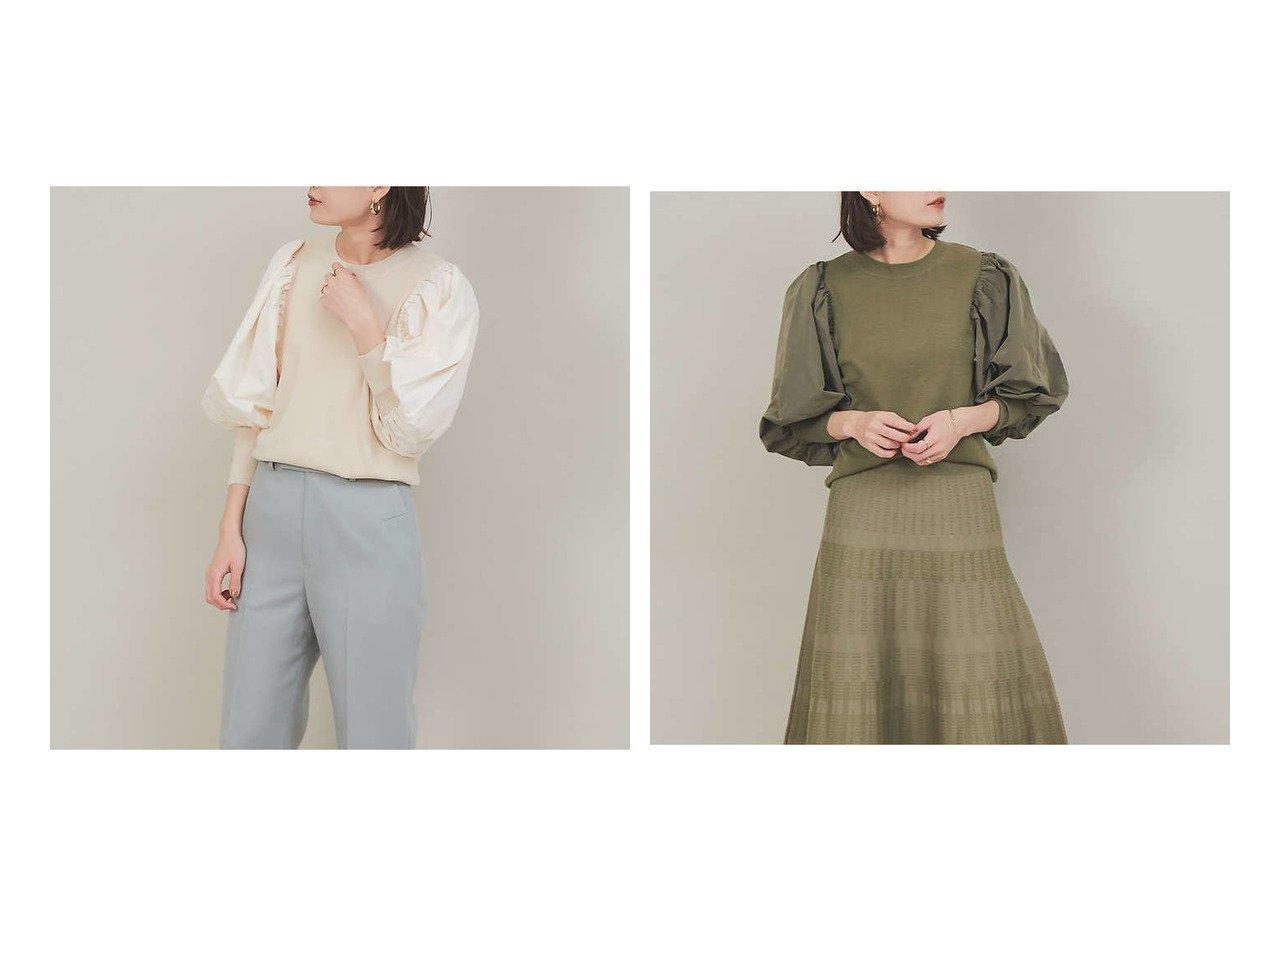 【Rouge vif la cle/ルージュヴィフラクレ】のファブリックコンビニット 【トップス・カットソー】おすすめ!人気、トレンド・レディースファッションの通販   おすすめで人気の流行・トレンド、ファッションの通販商品 メンズファッション・キッズファッション・インテリア・家具・レディースファッション・服の通販 founy(ファニー) https://founy.com/ ファッション Fashion レディースファッション WOMEN トップス・カットソー Tops/Tshirt ニット Knit Tops おすすめ Recommend セットアップ セーター 再入荷 Restock/Back in Stock/Re Arrival |ID:crp329100000026616